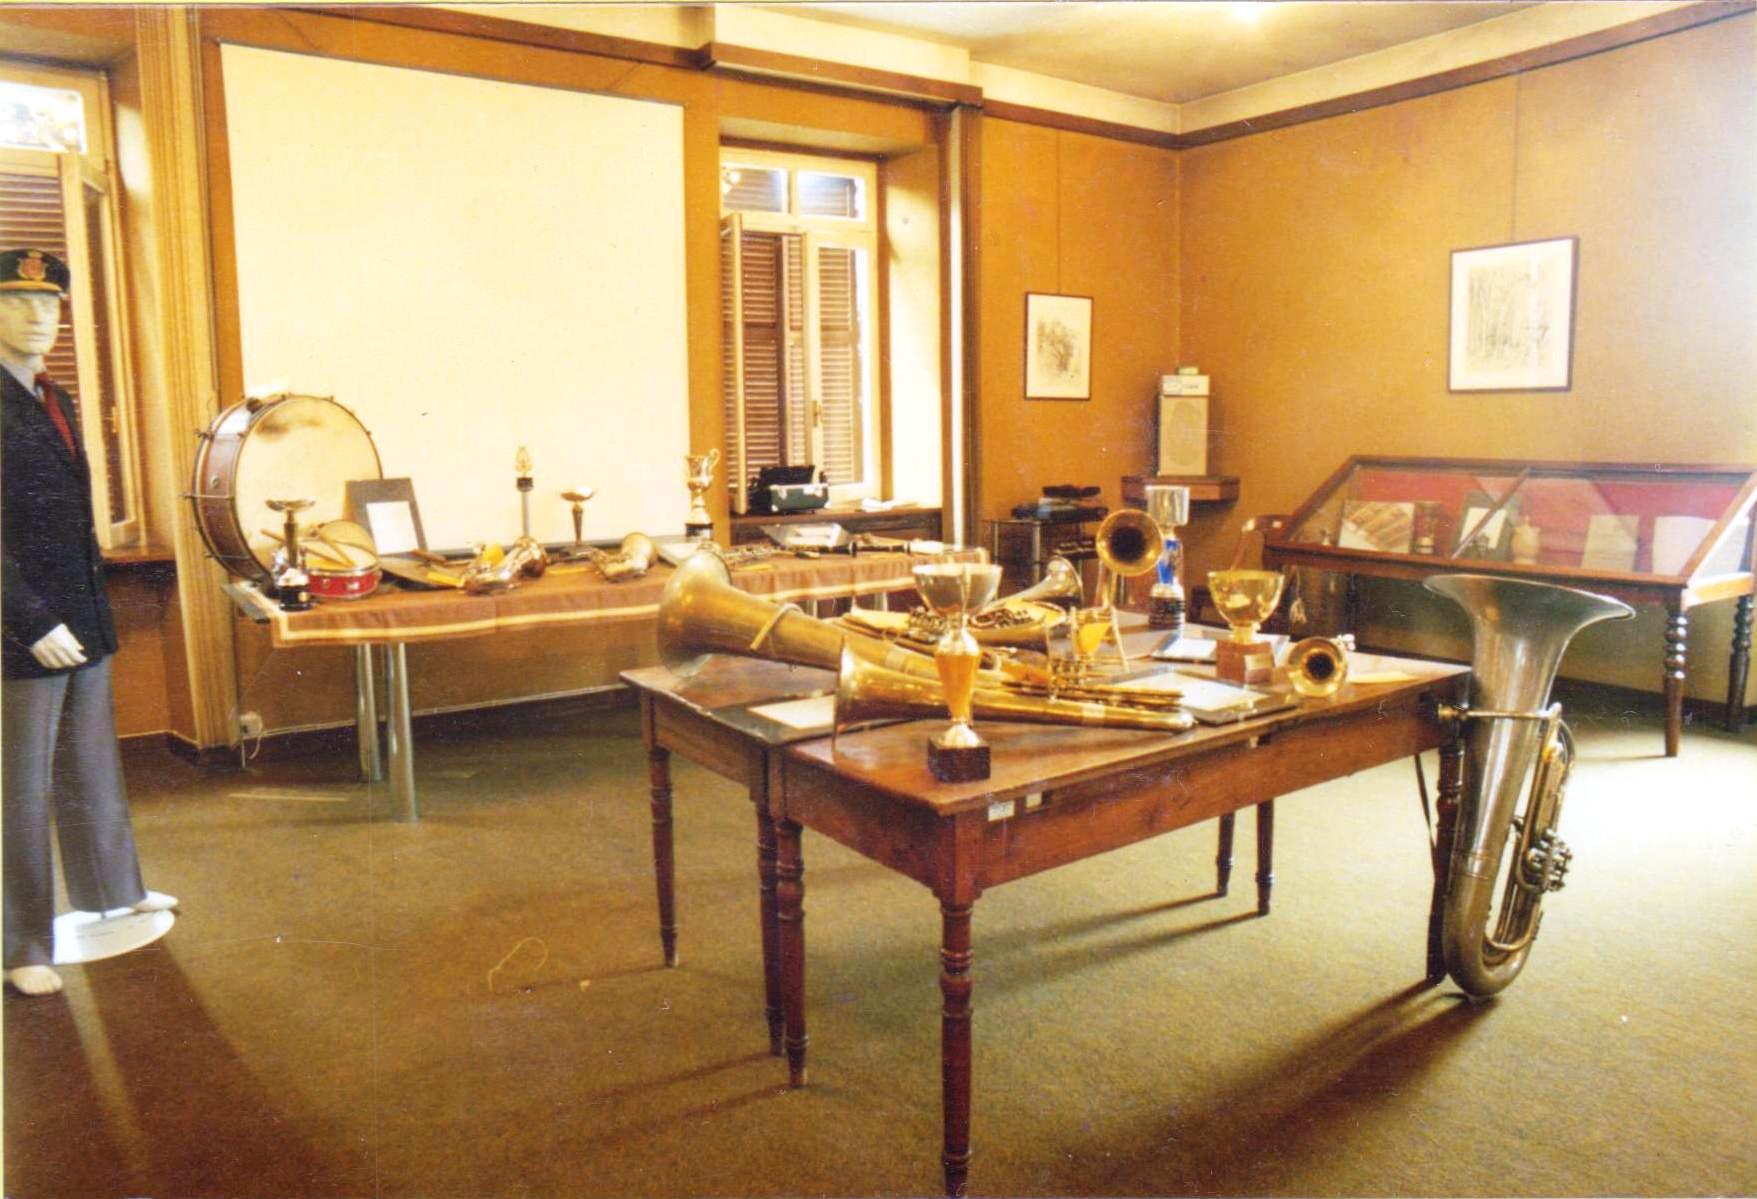 Mostra dei 150 anni di fondazione della Società